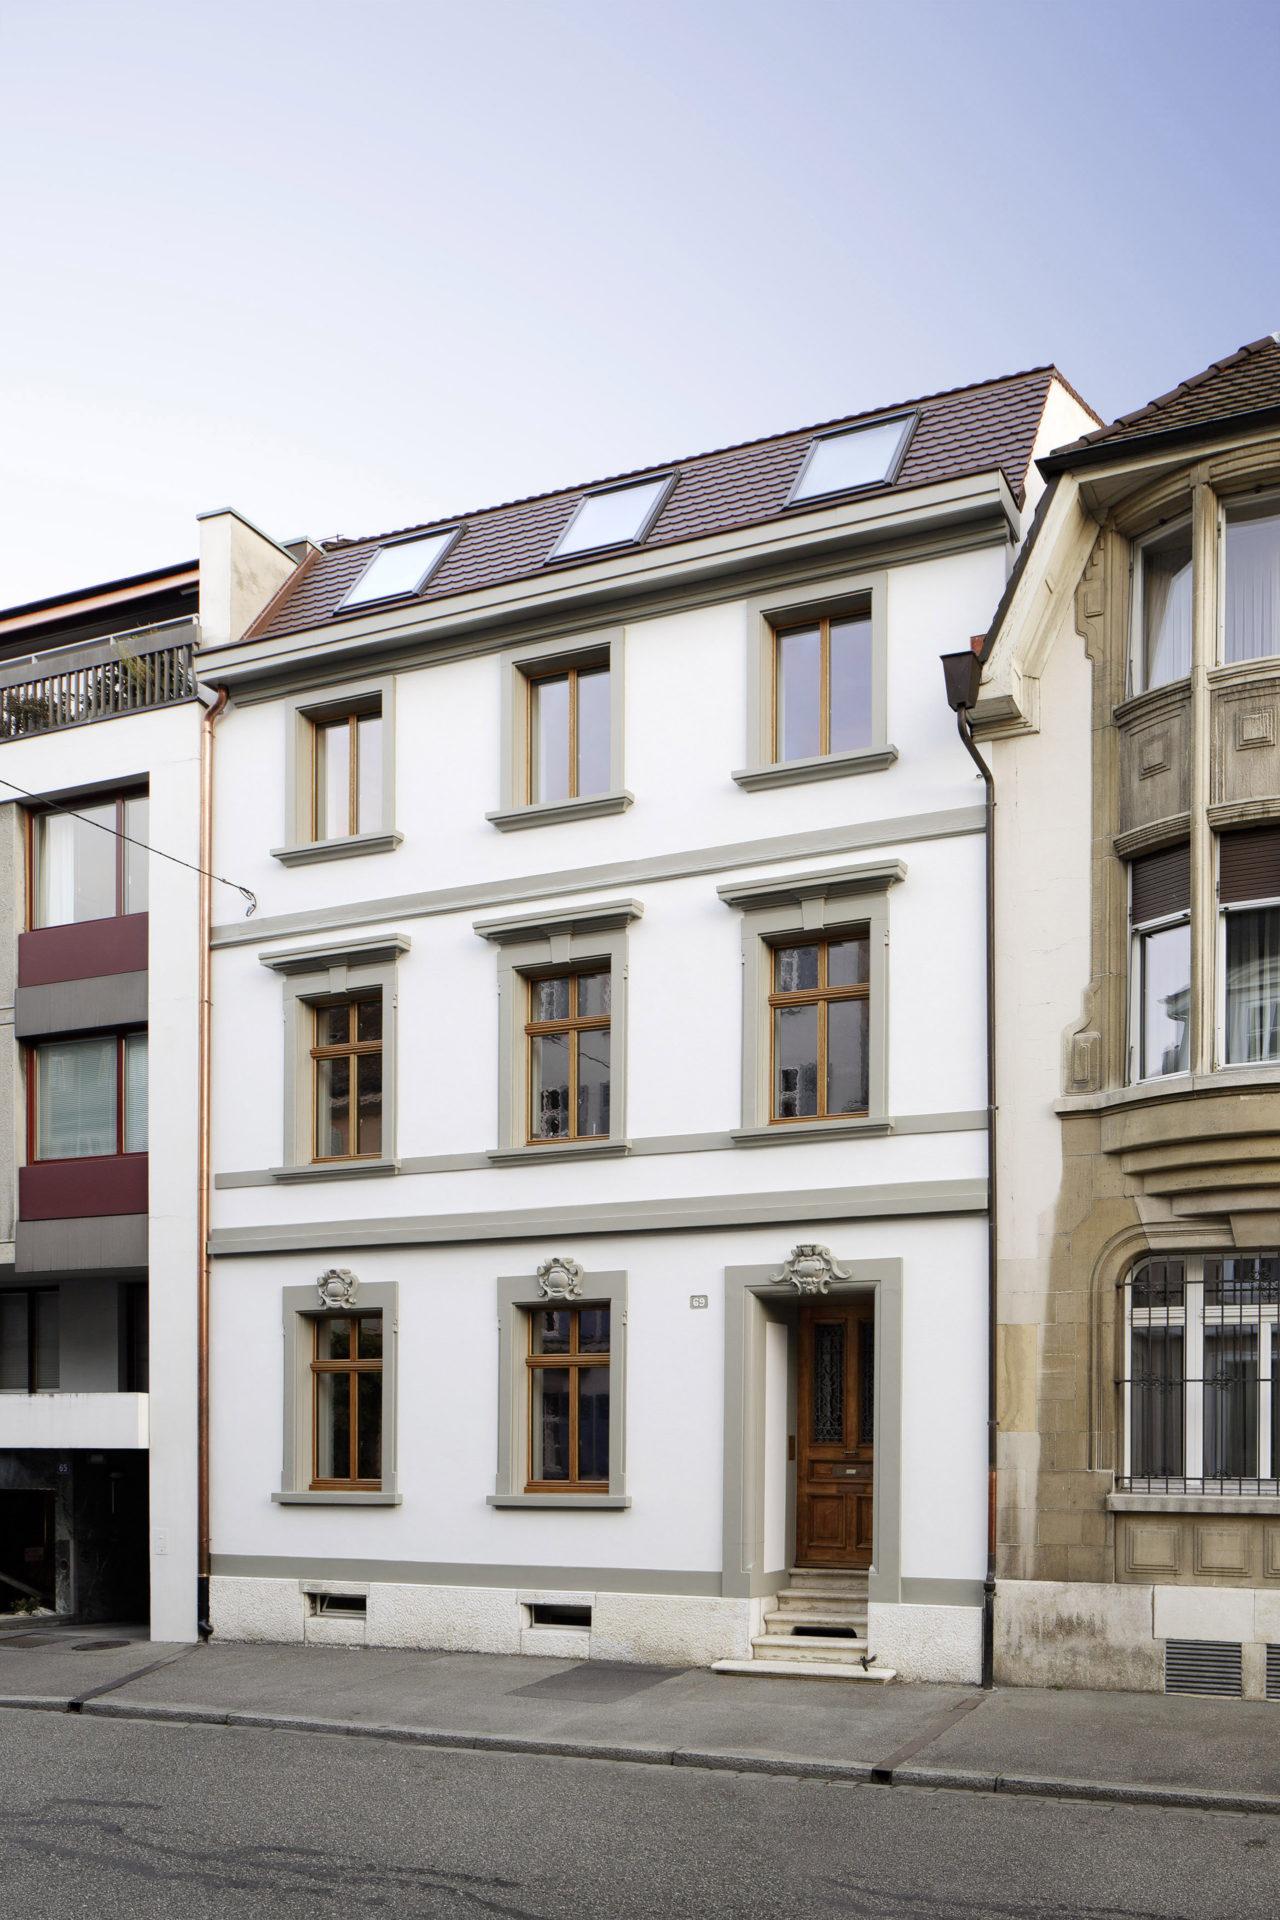 Strassenansicht nach Umbau und Ausbau (Dachausbau)von Architekturbüro Forsberg in Basel